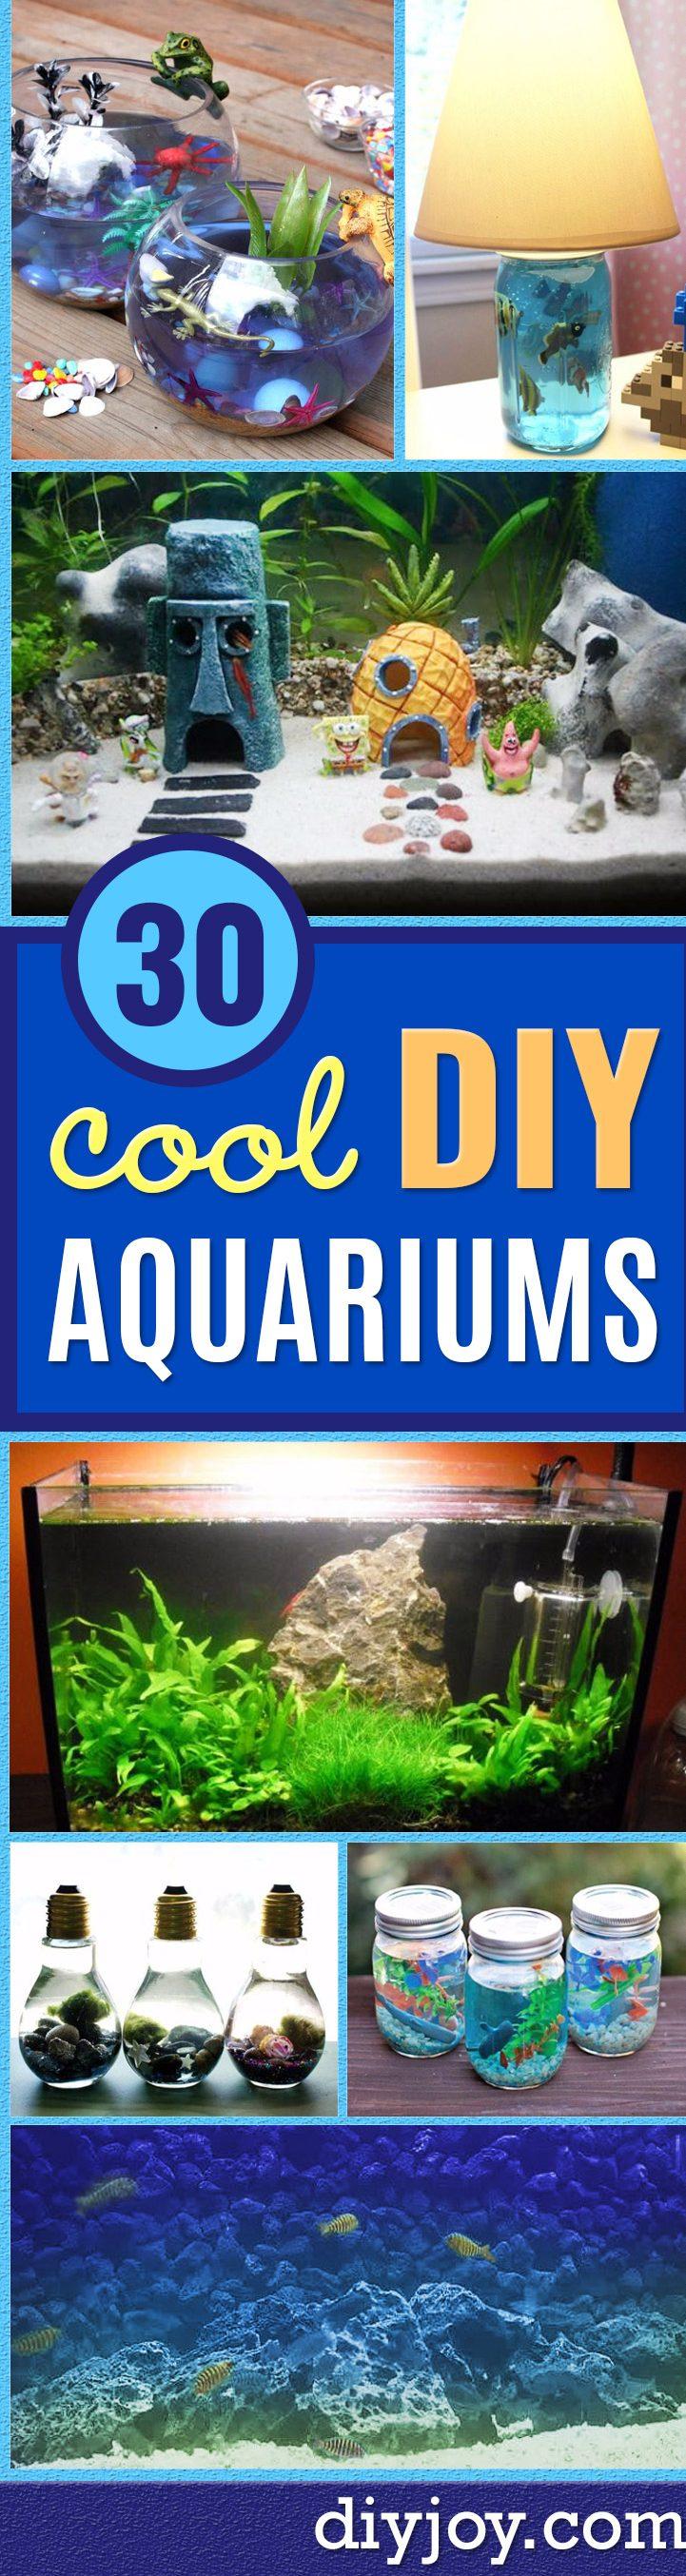 30 Brilliantly Creative DIY Aquariums